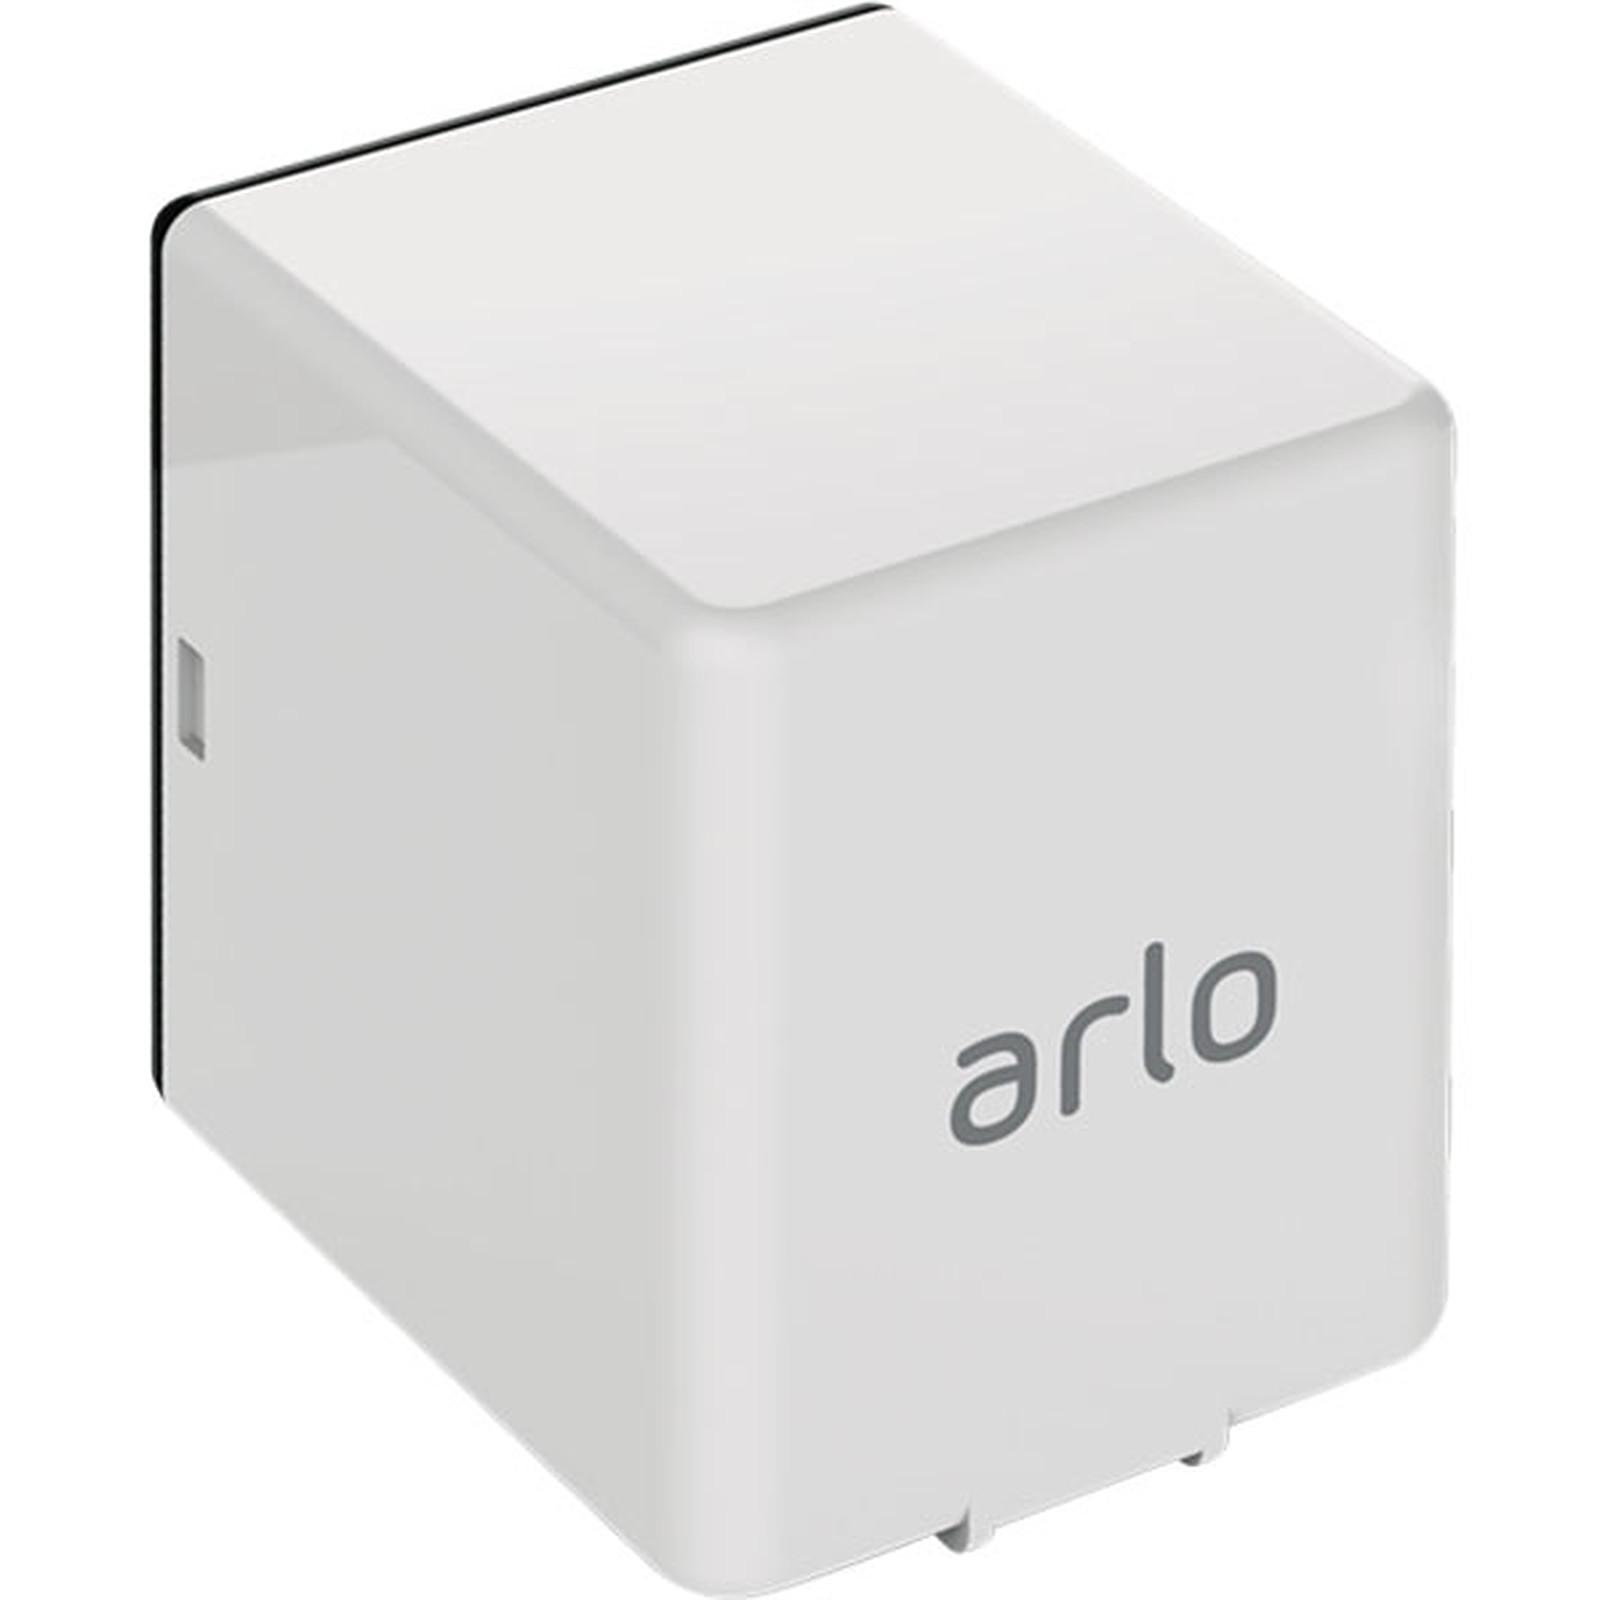 Batterie pour Arlo Go VMA4410-10000S avec le code SECURE20